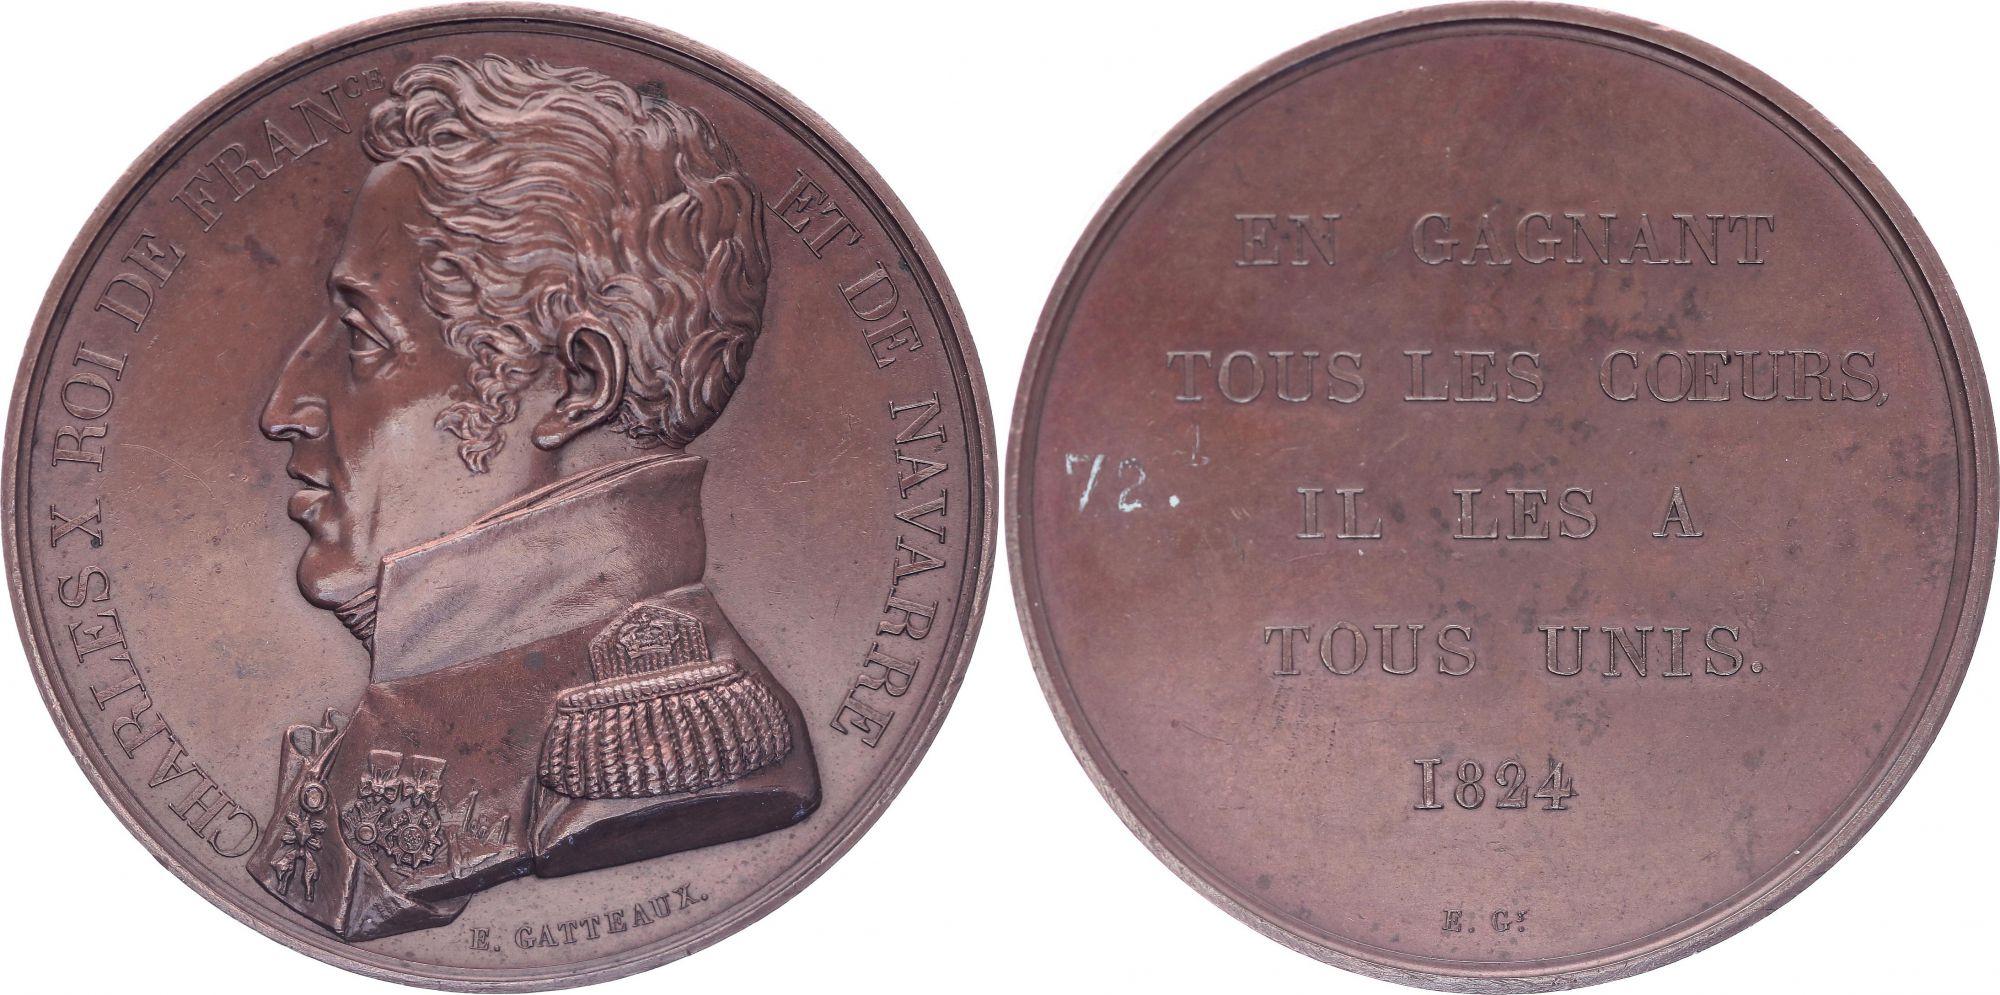 France Charles X - Buste en uniforme - 1824